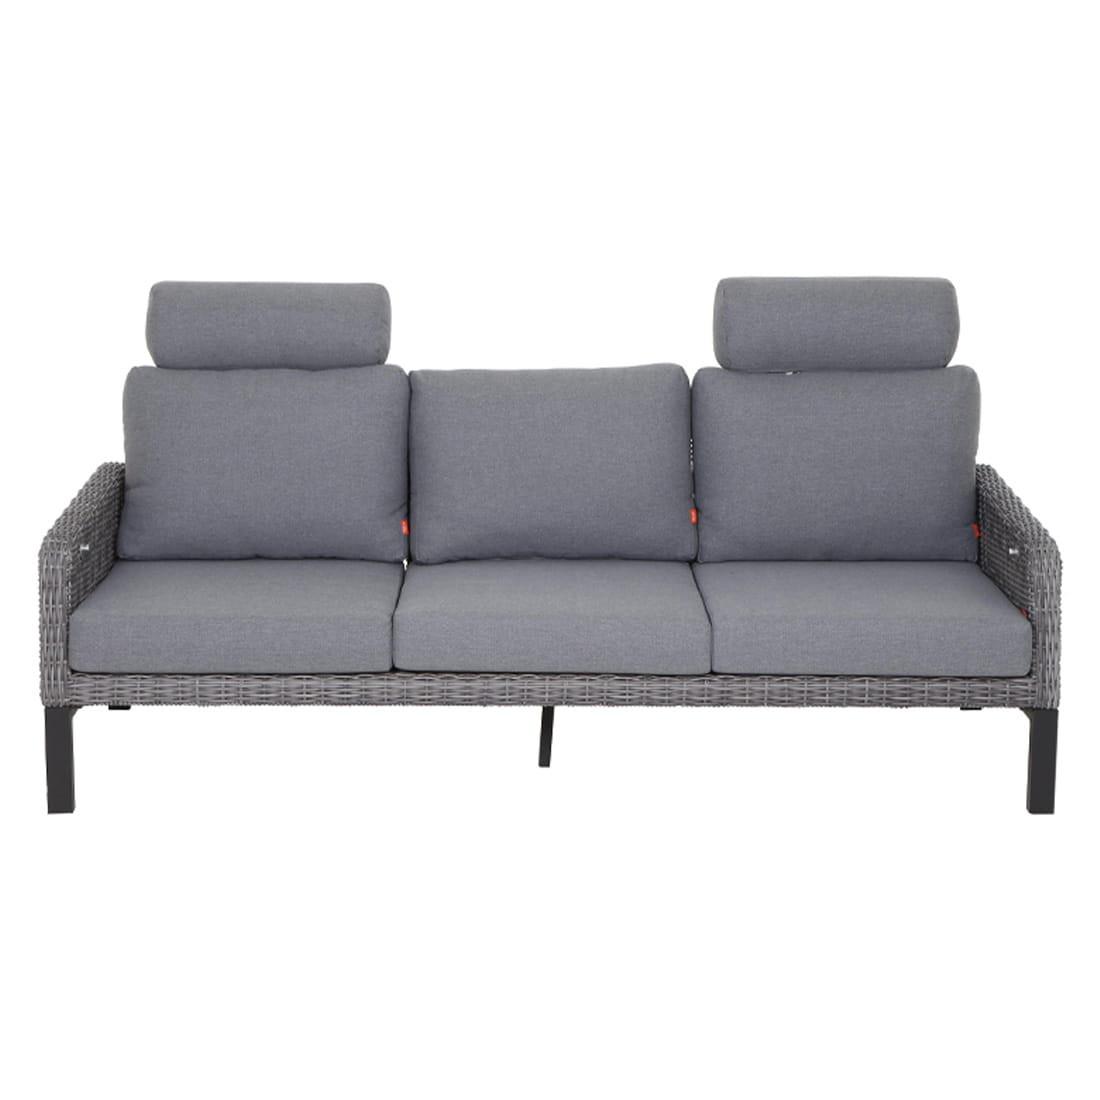 Full Size of 3 Sitzer Sofa Und 2 Sessel Leder Mit Relaxfunktion Couch Schlaffunktion Bei Roller Bettfunktion Federkern Siena Garden Bellani Aluminum Gardino Garten Bezug Sofa 3 Sitzer Sofa